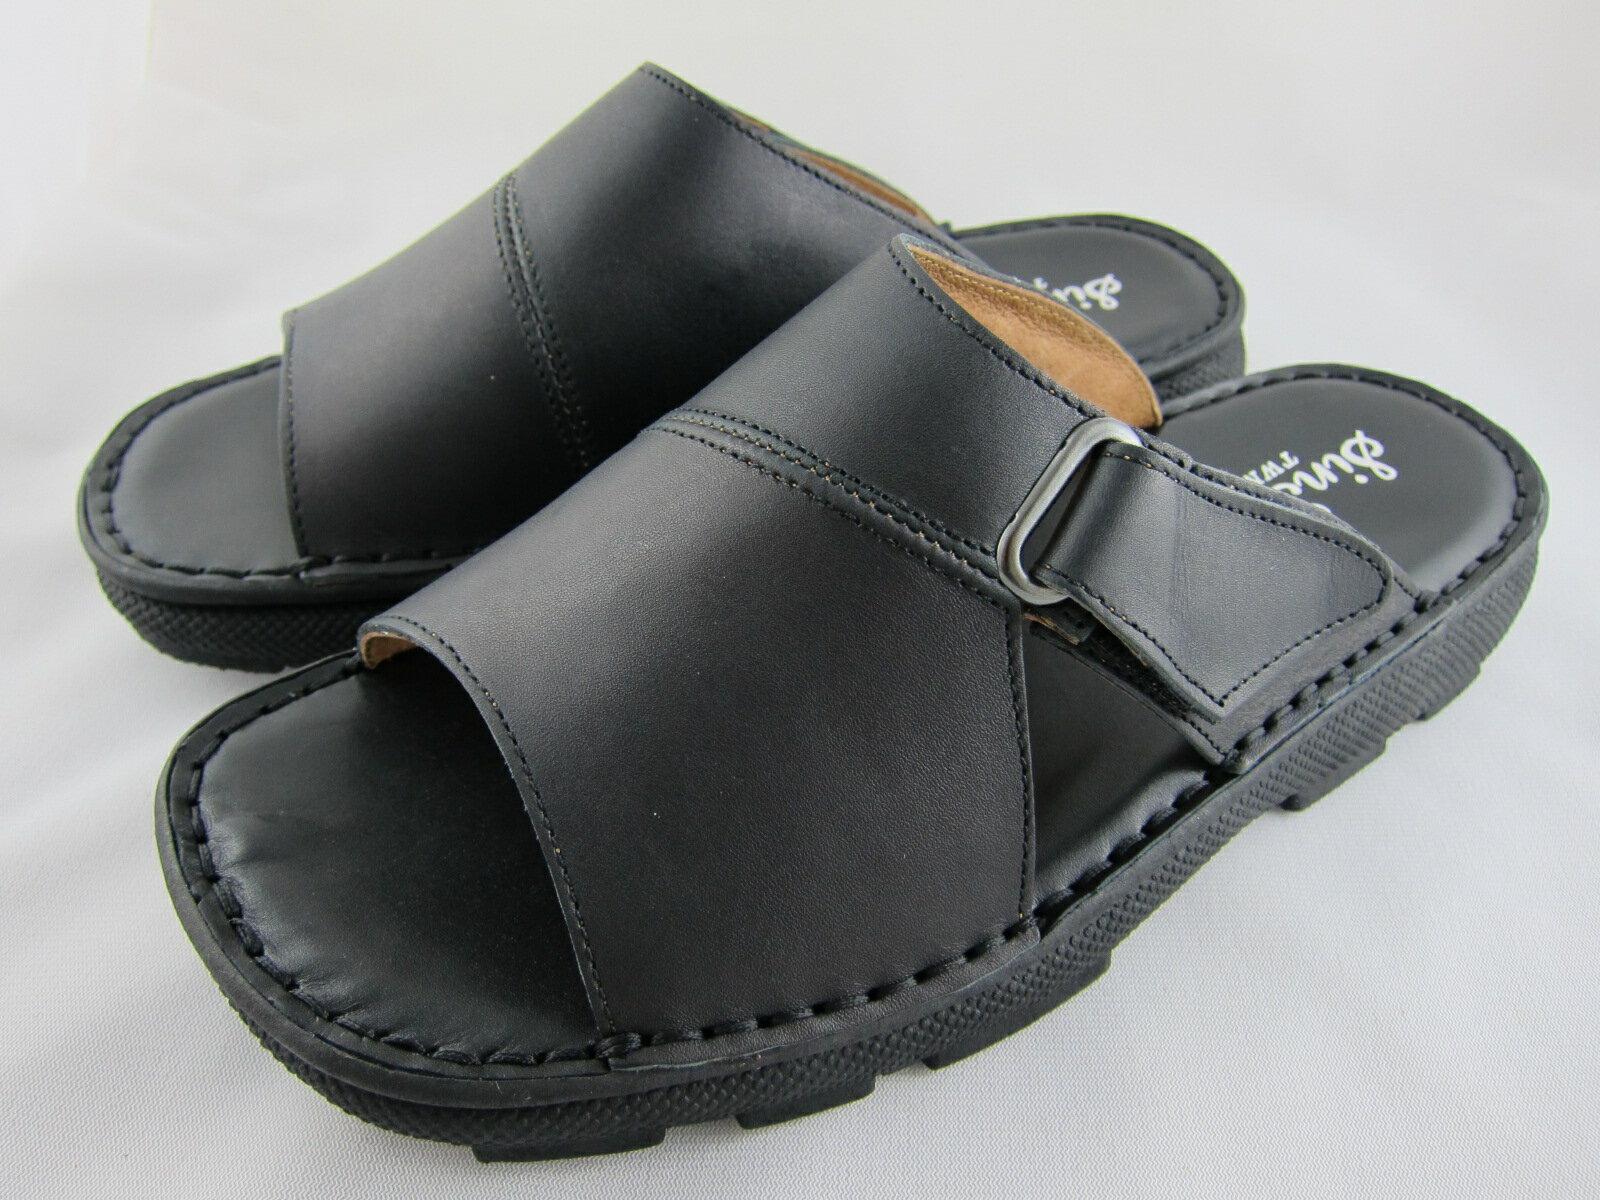 真皮工坊~穿過的都說讚【B1011】比氣墊鞋好穿*保證㊣牛皮真皮手工男拖鞋【顏色多種可自選、顏色挑選請參考首頁】